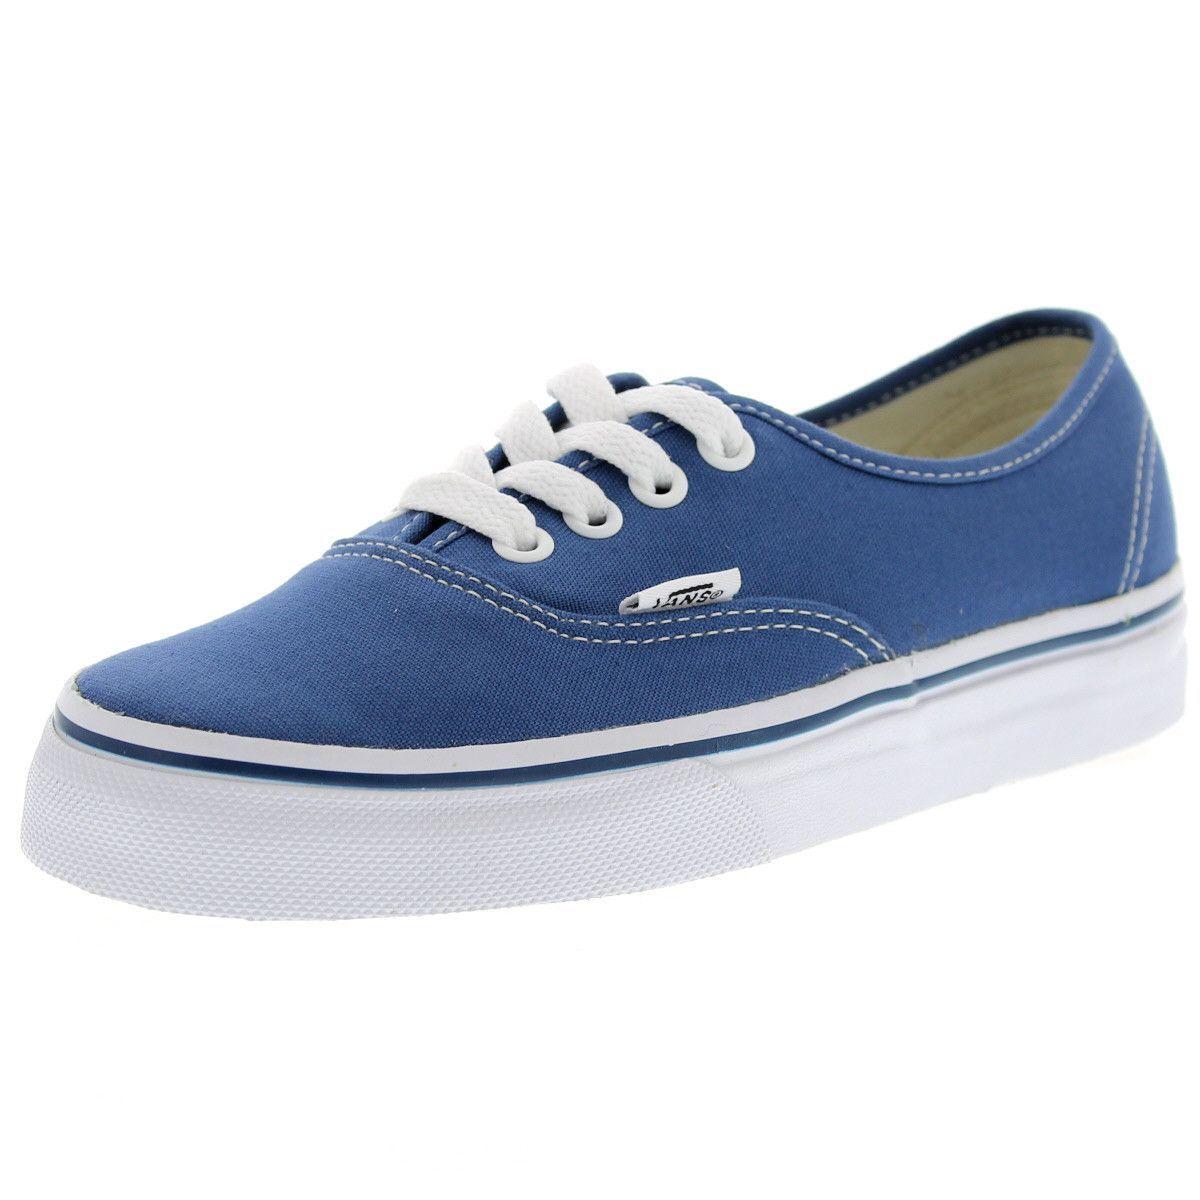 Vans - Authentic Low Canvas Skate Sneakers (Big Kid) - Navy